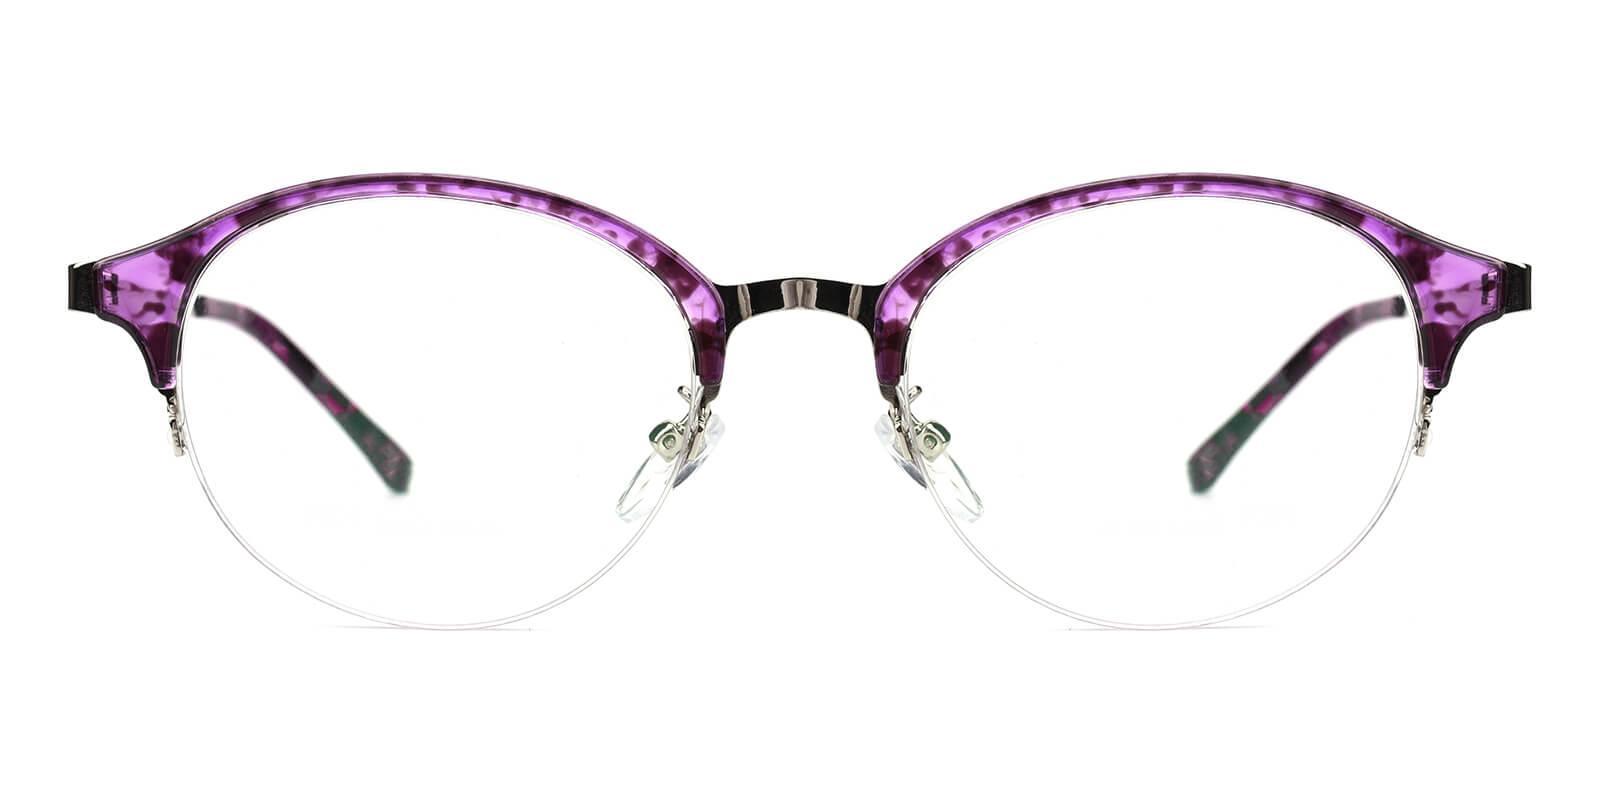 Akaaro-Purple-Oval-Metal-Eyeglasses-additional2